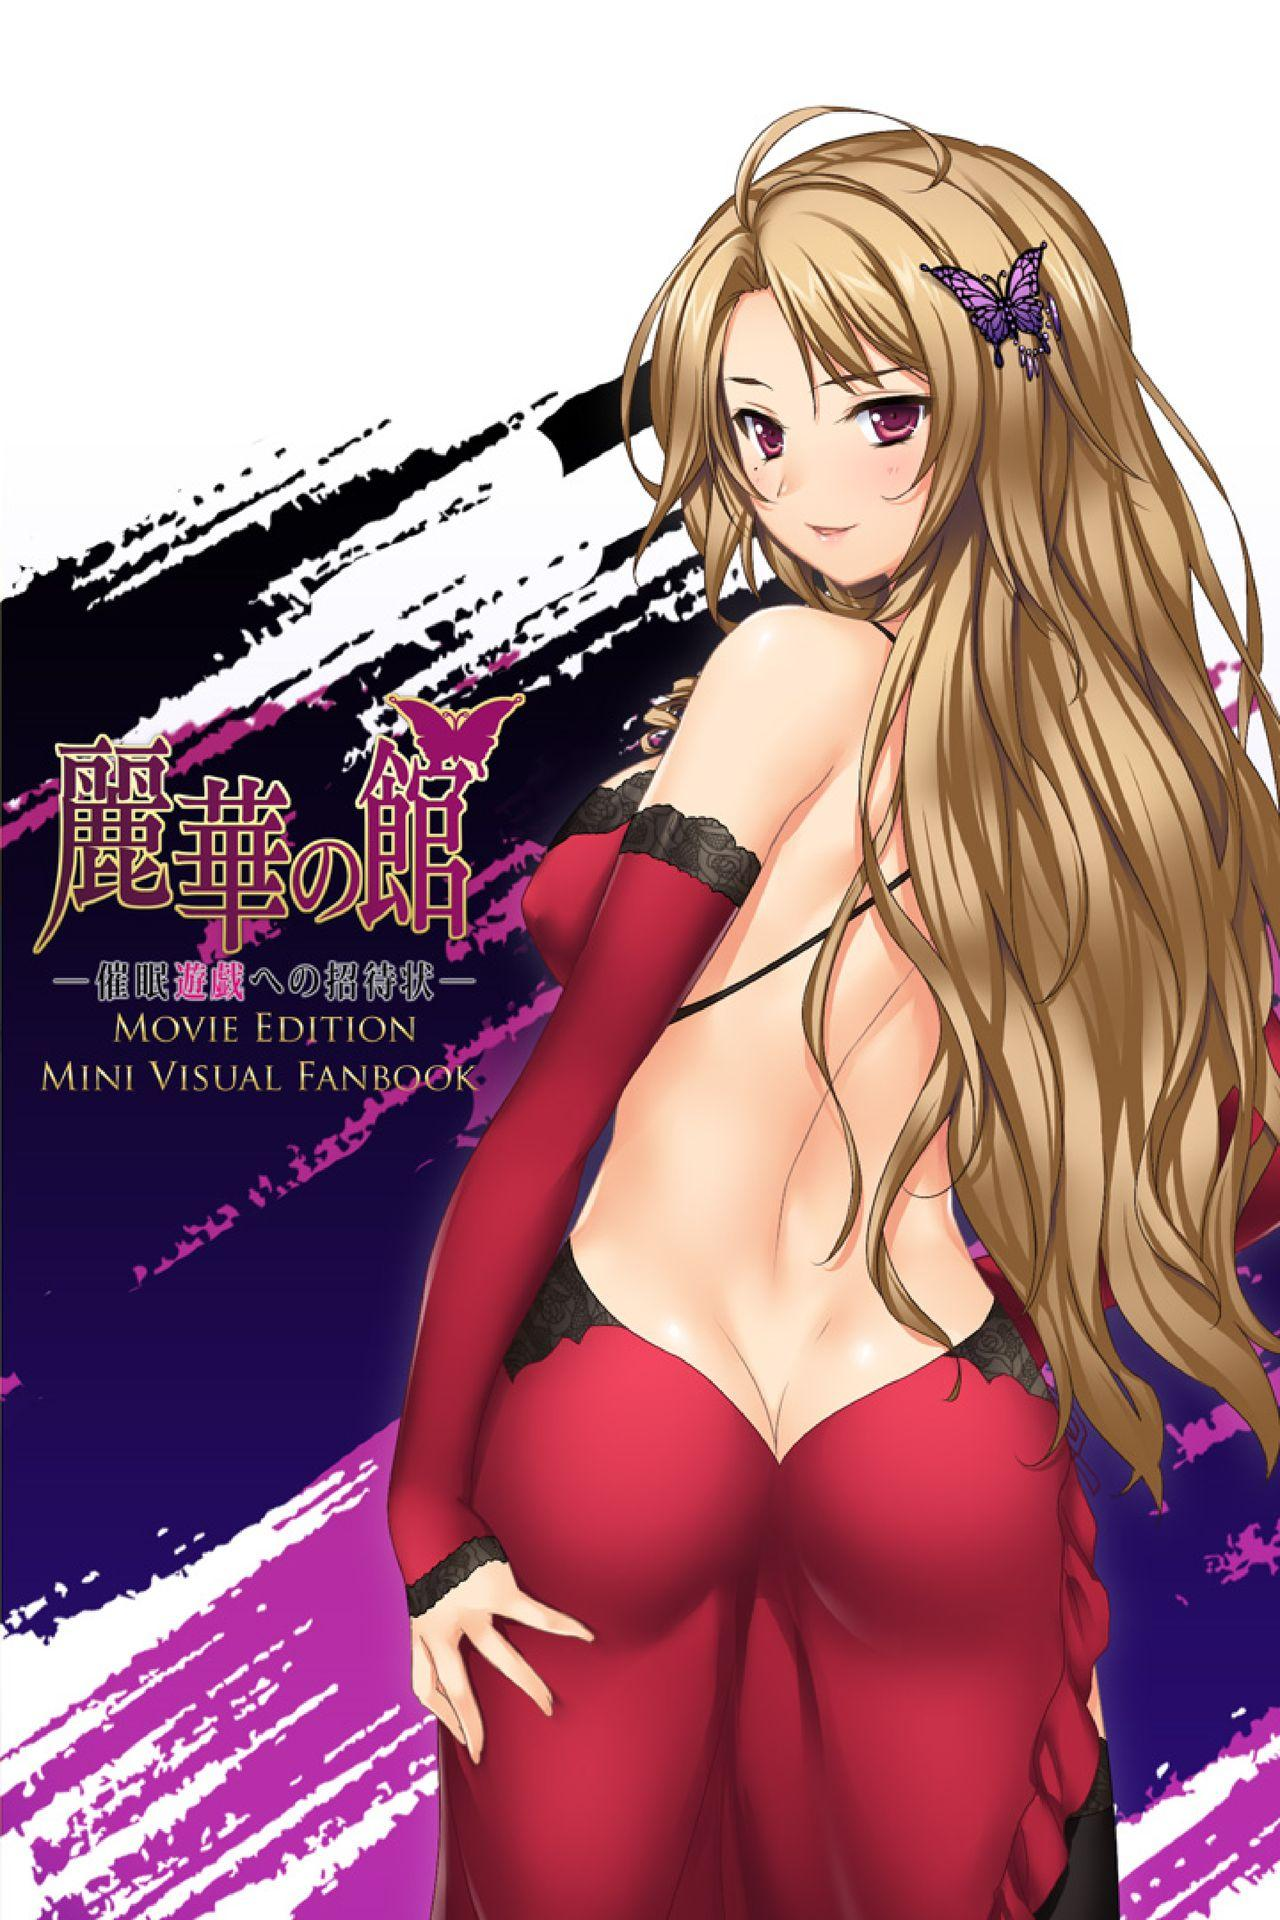 Reika no Yakata ~Saimin Yuugi e no Shoutaijou~ Movie Edition Mini Visual Fanbook 0